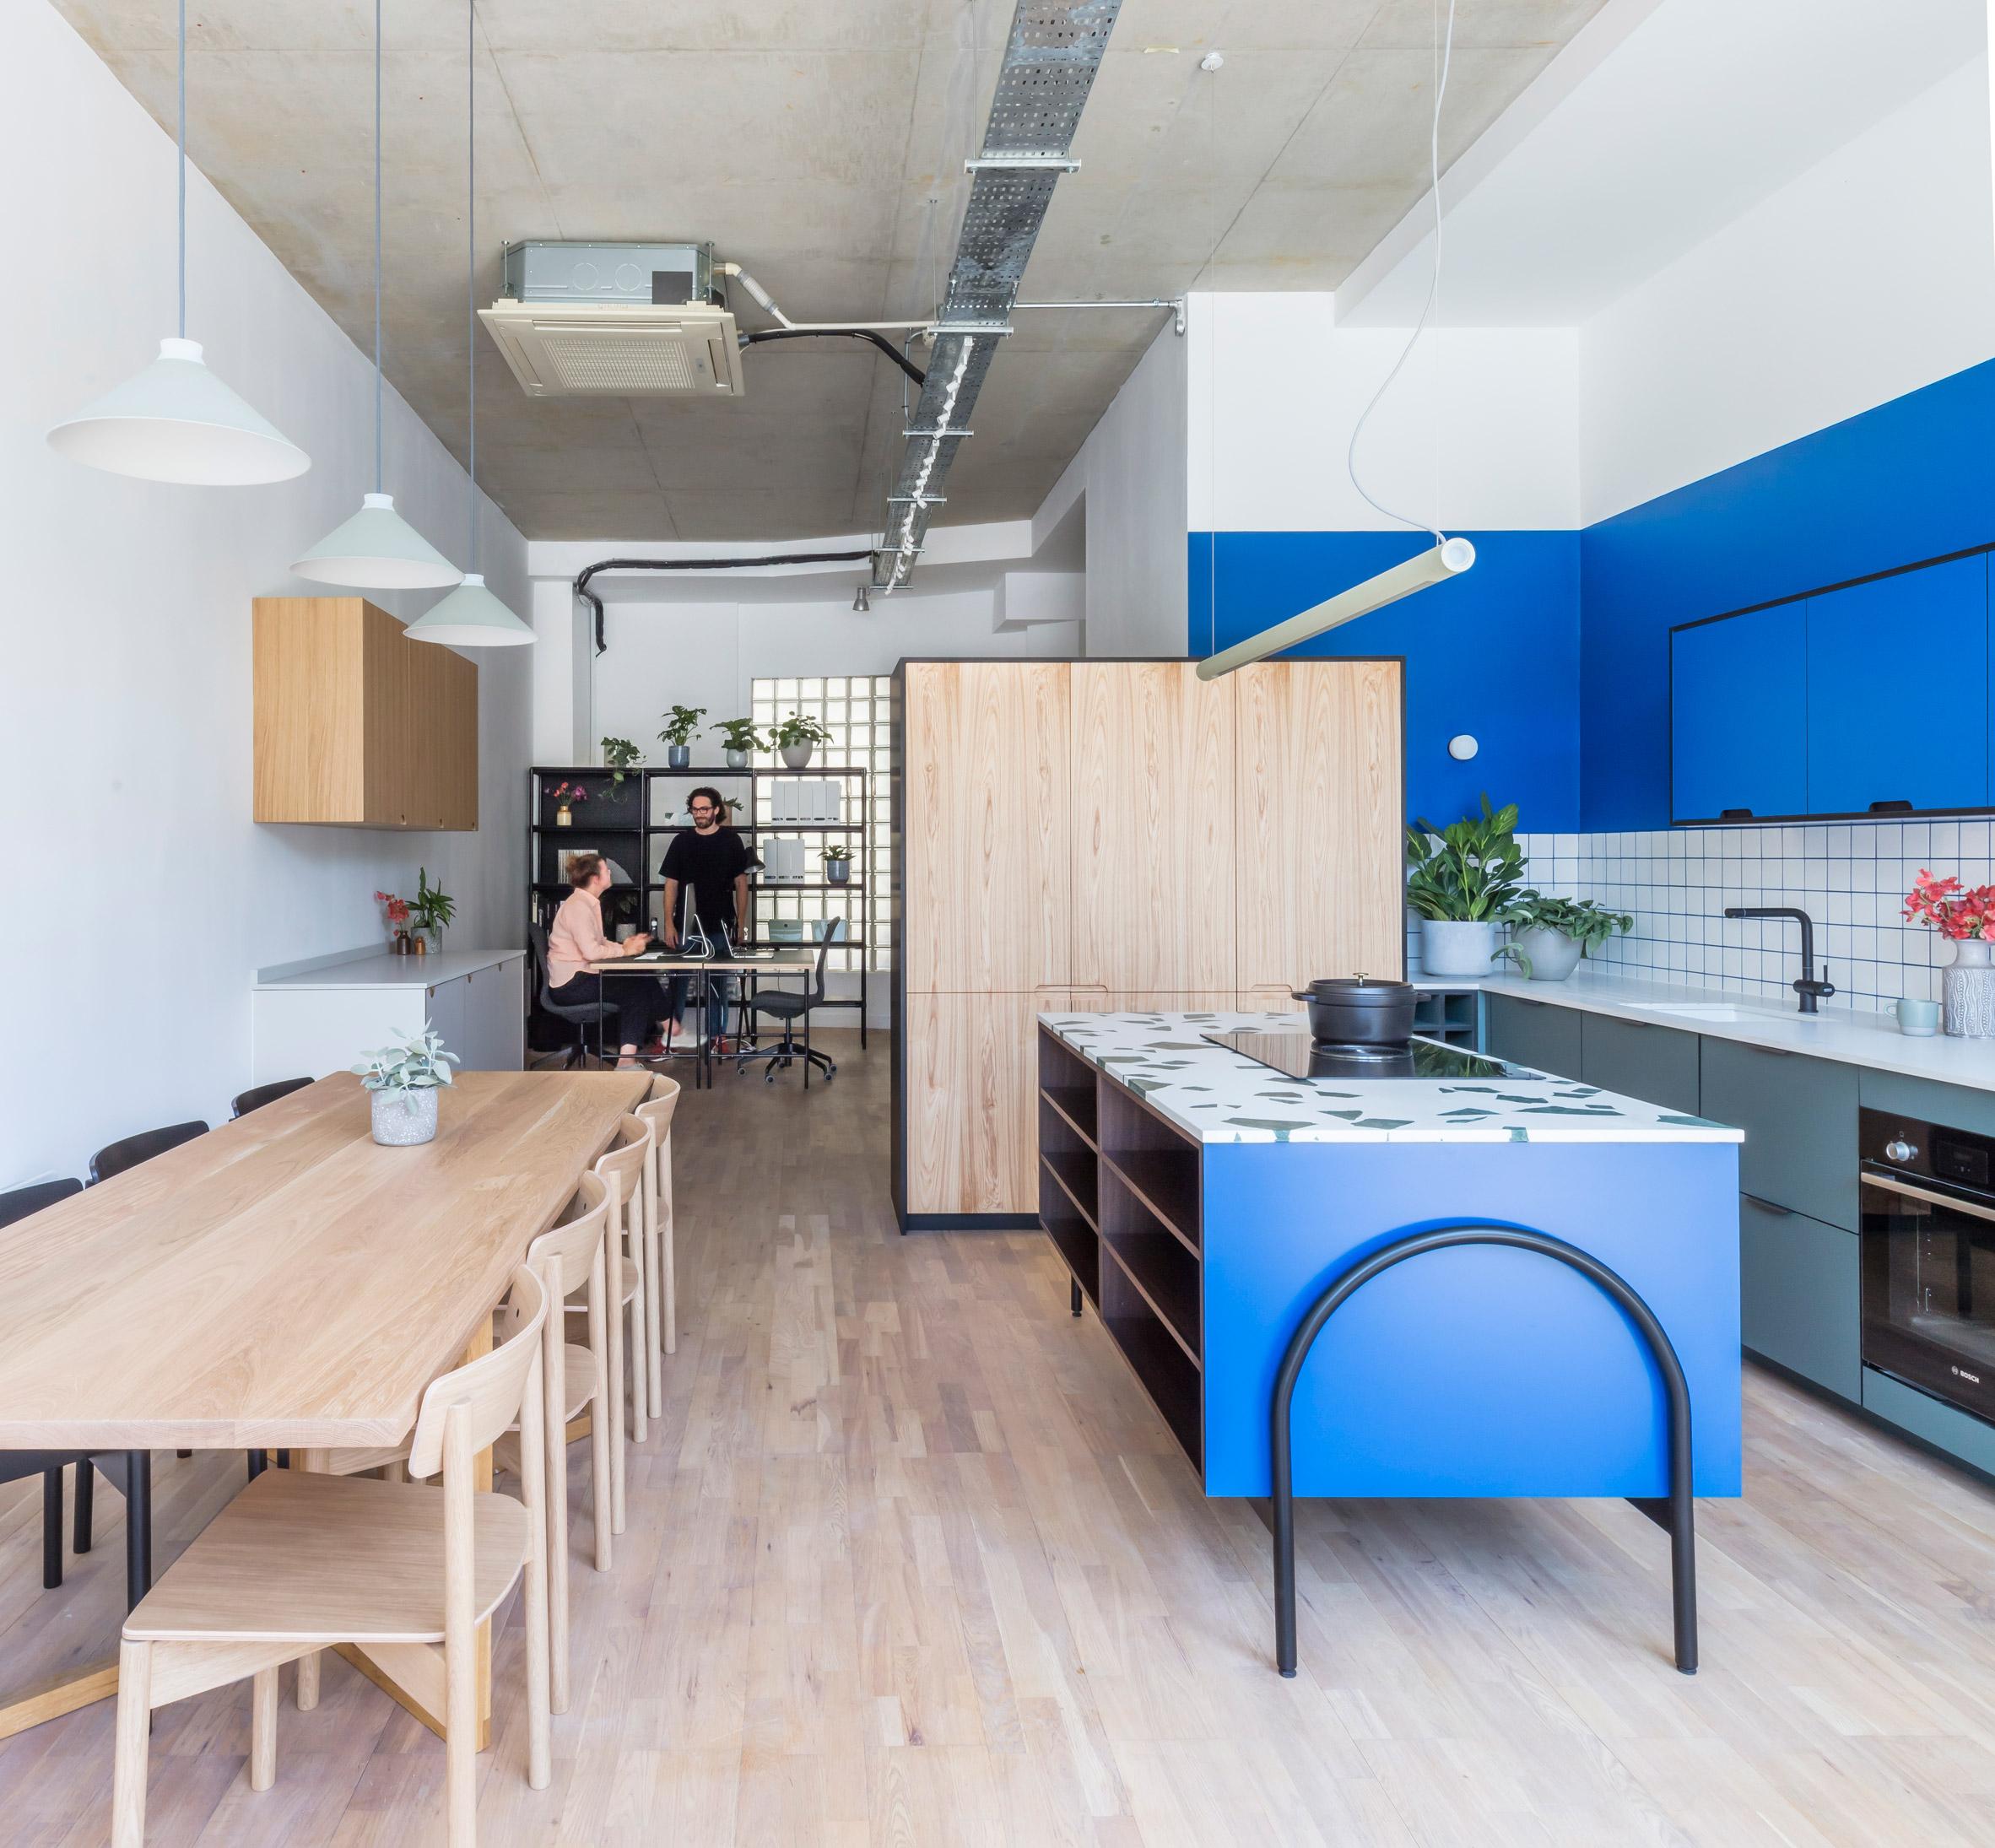 Hølte Opens Hackney Design Studio For Customising Ikea